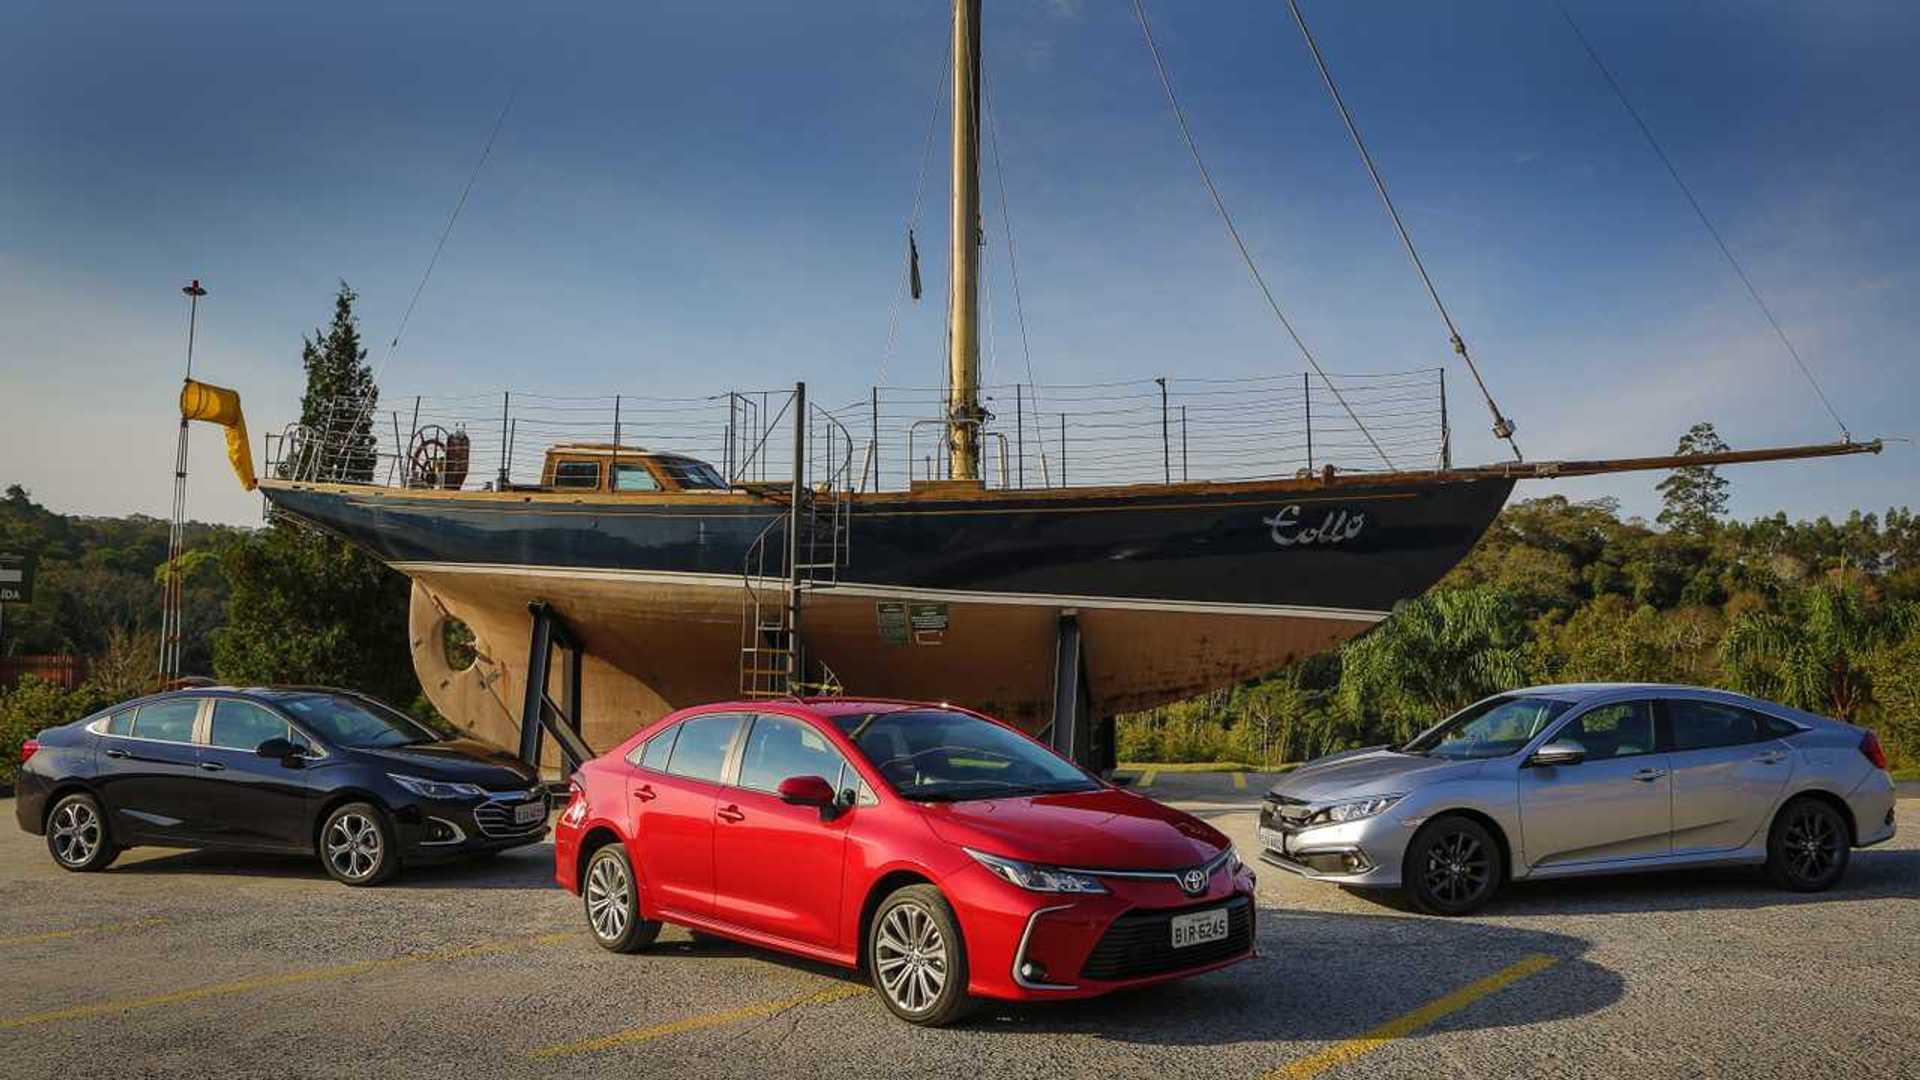 Semana Motor1.com: Corolla contra Civic e Cruze, novos HB20 e Onix